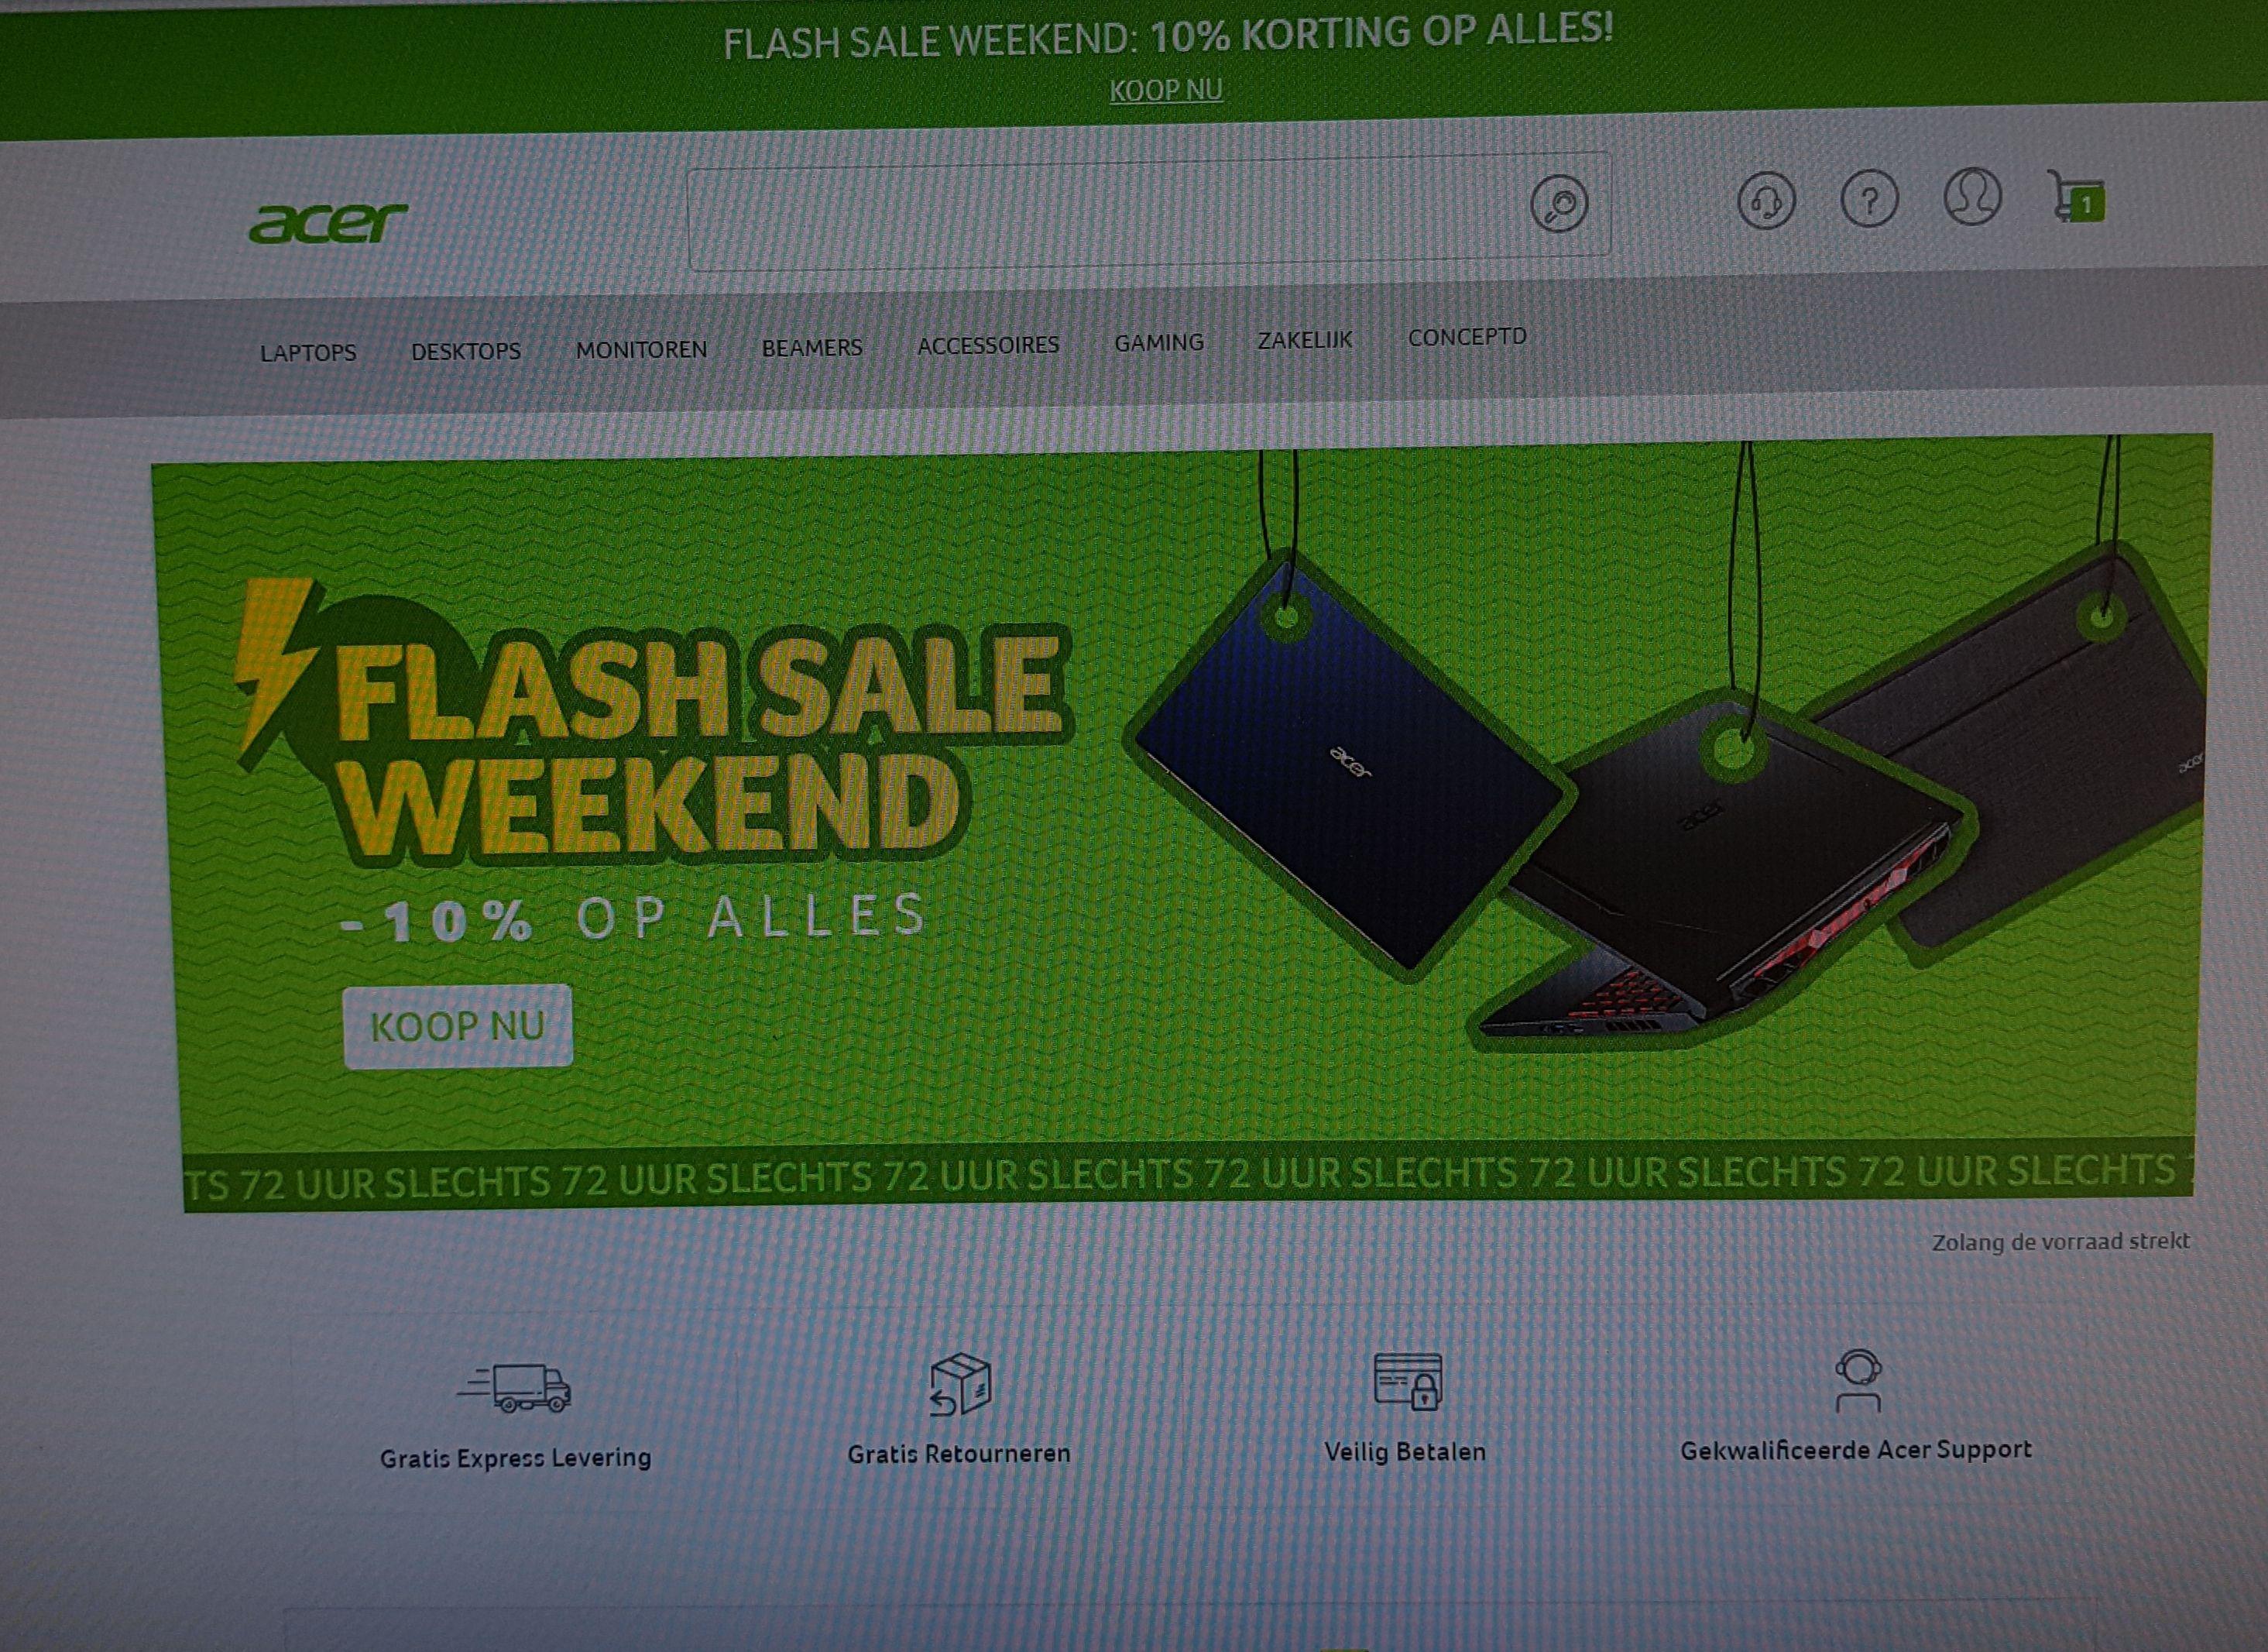 Flash Sale Weekend Acer - 10% op alles